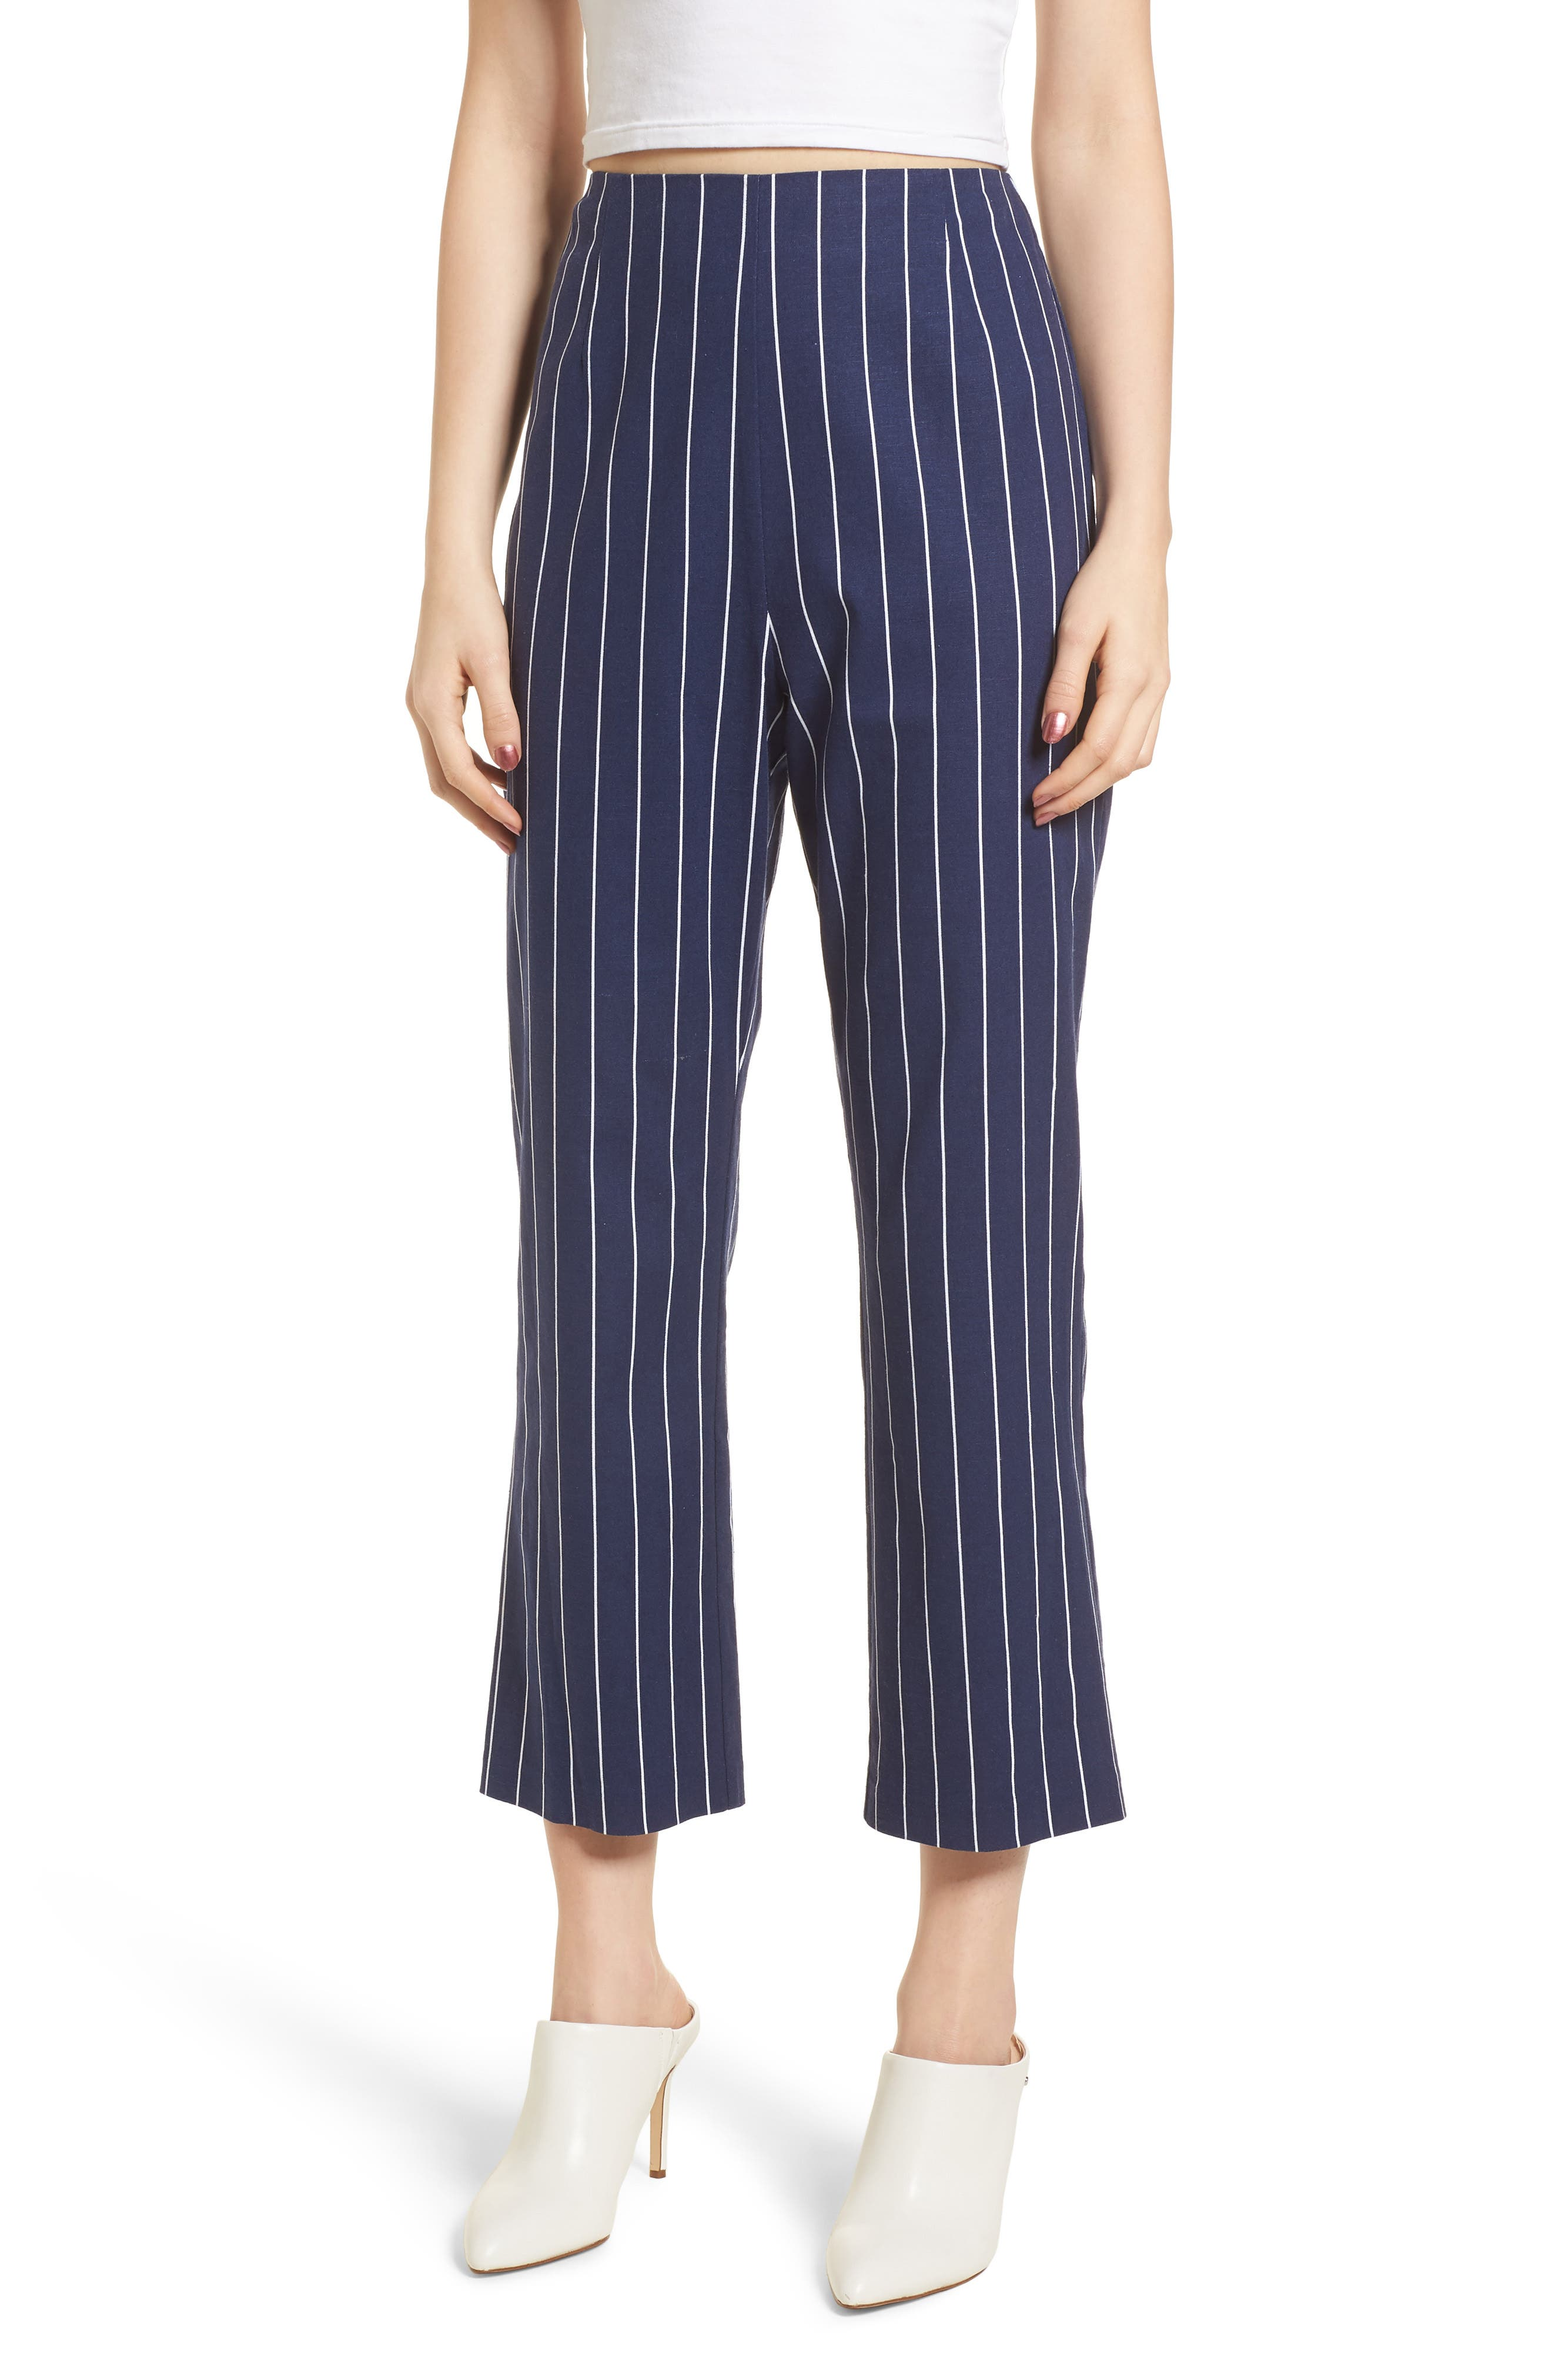 WAYF, Pisa High Waist Crop Pants, Main thumbnail 1, color, 400